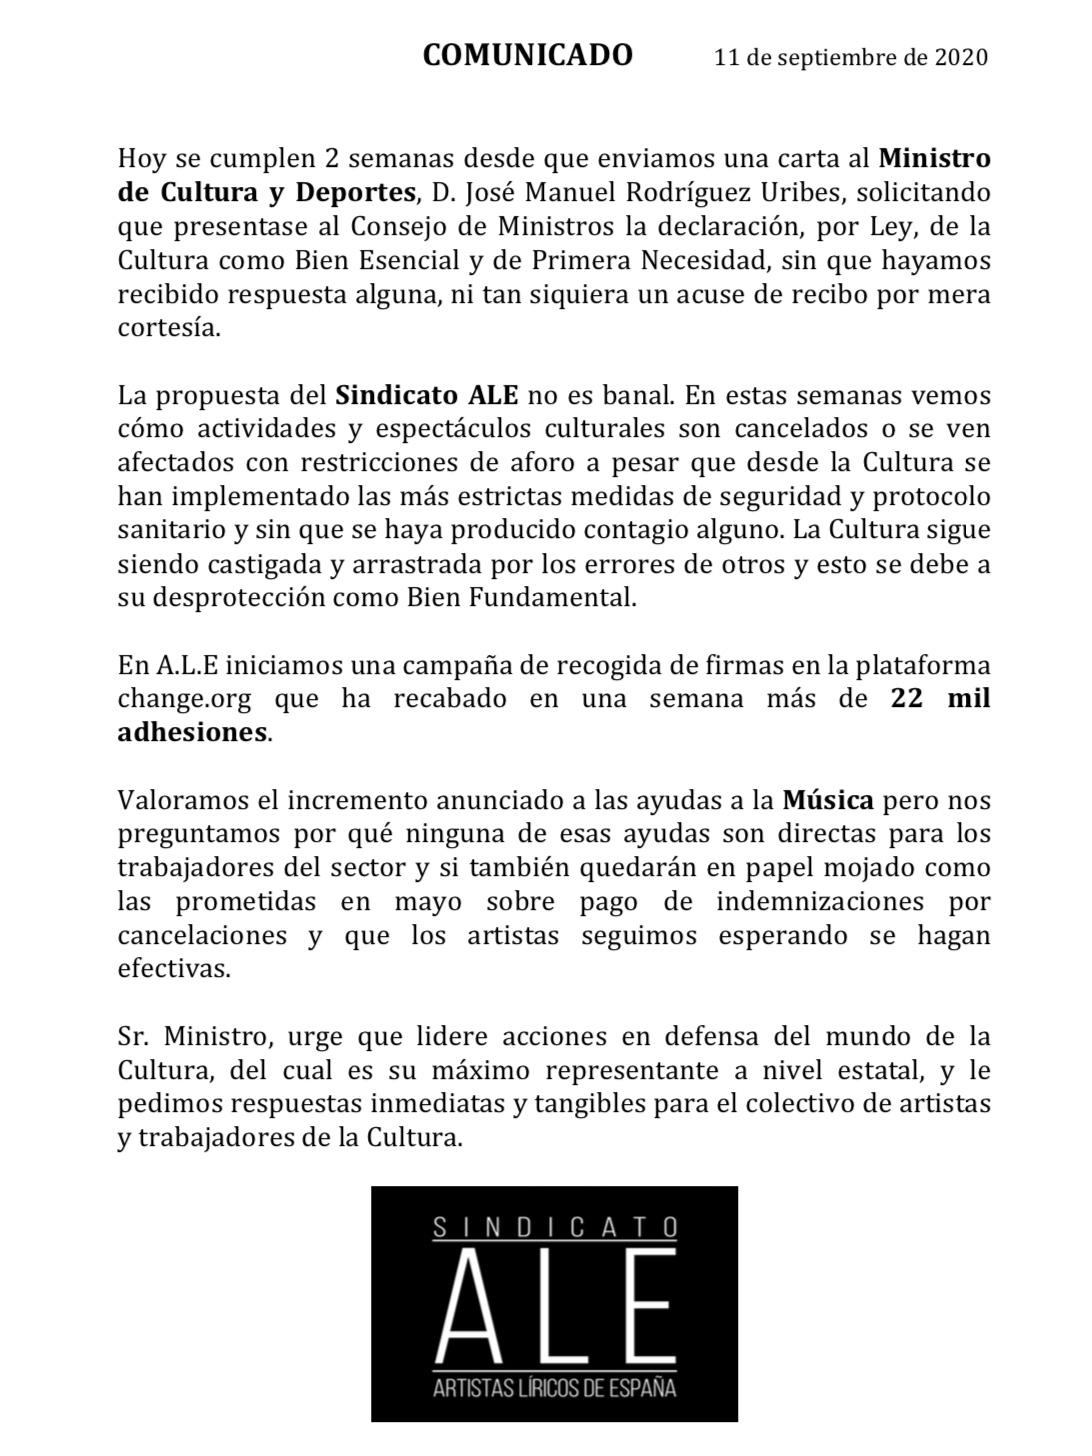 Comunicado, con fecha de hoy, del Sindicato de Artistas Líricos de España